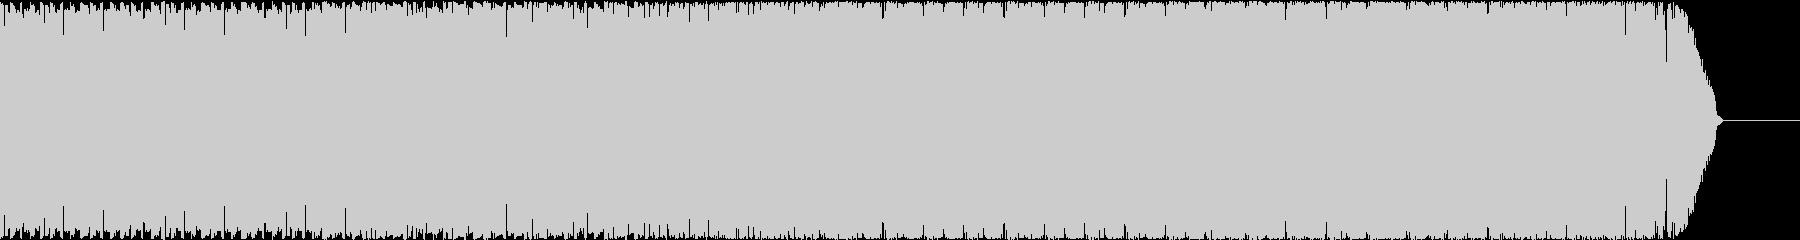 コミカルなゲームのピコピコBGMの未再生の波形